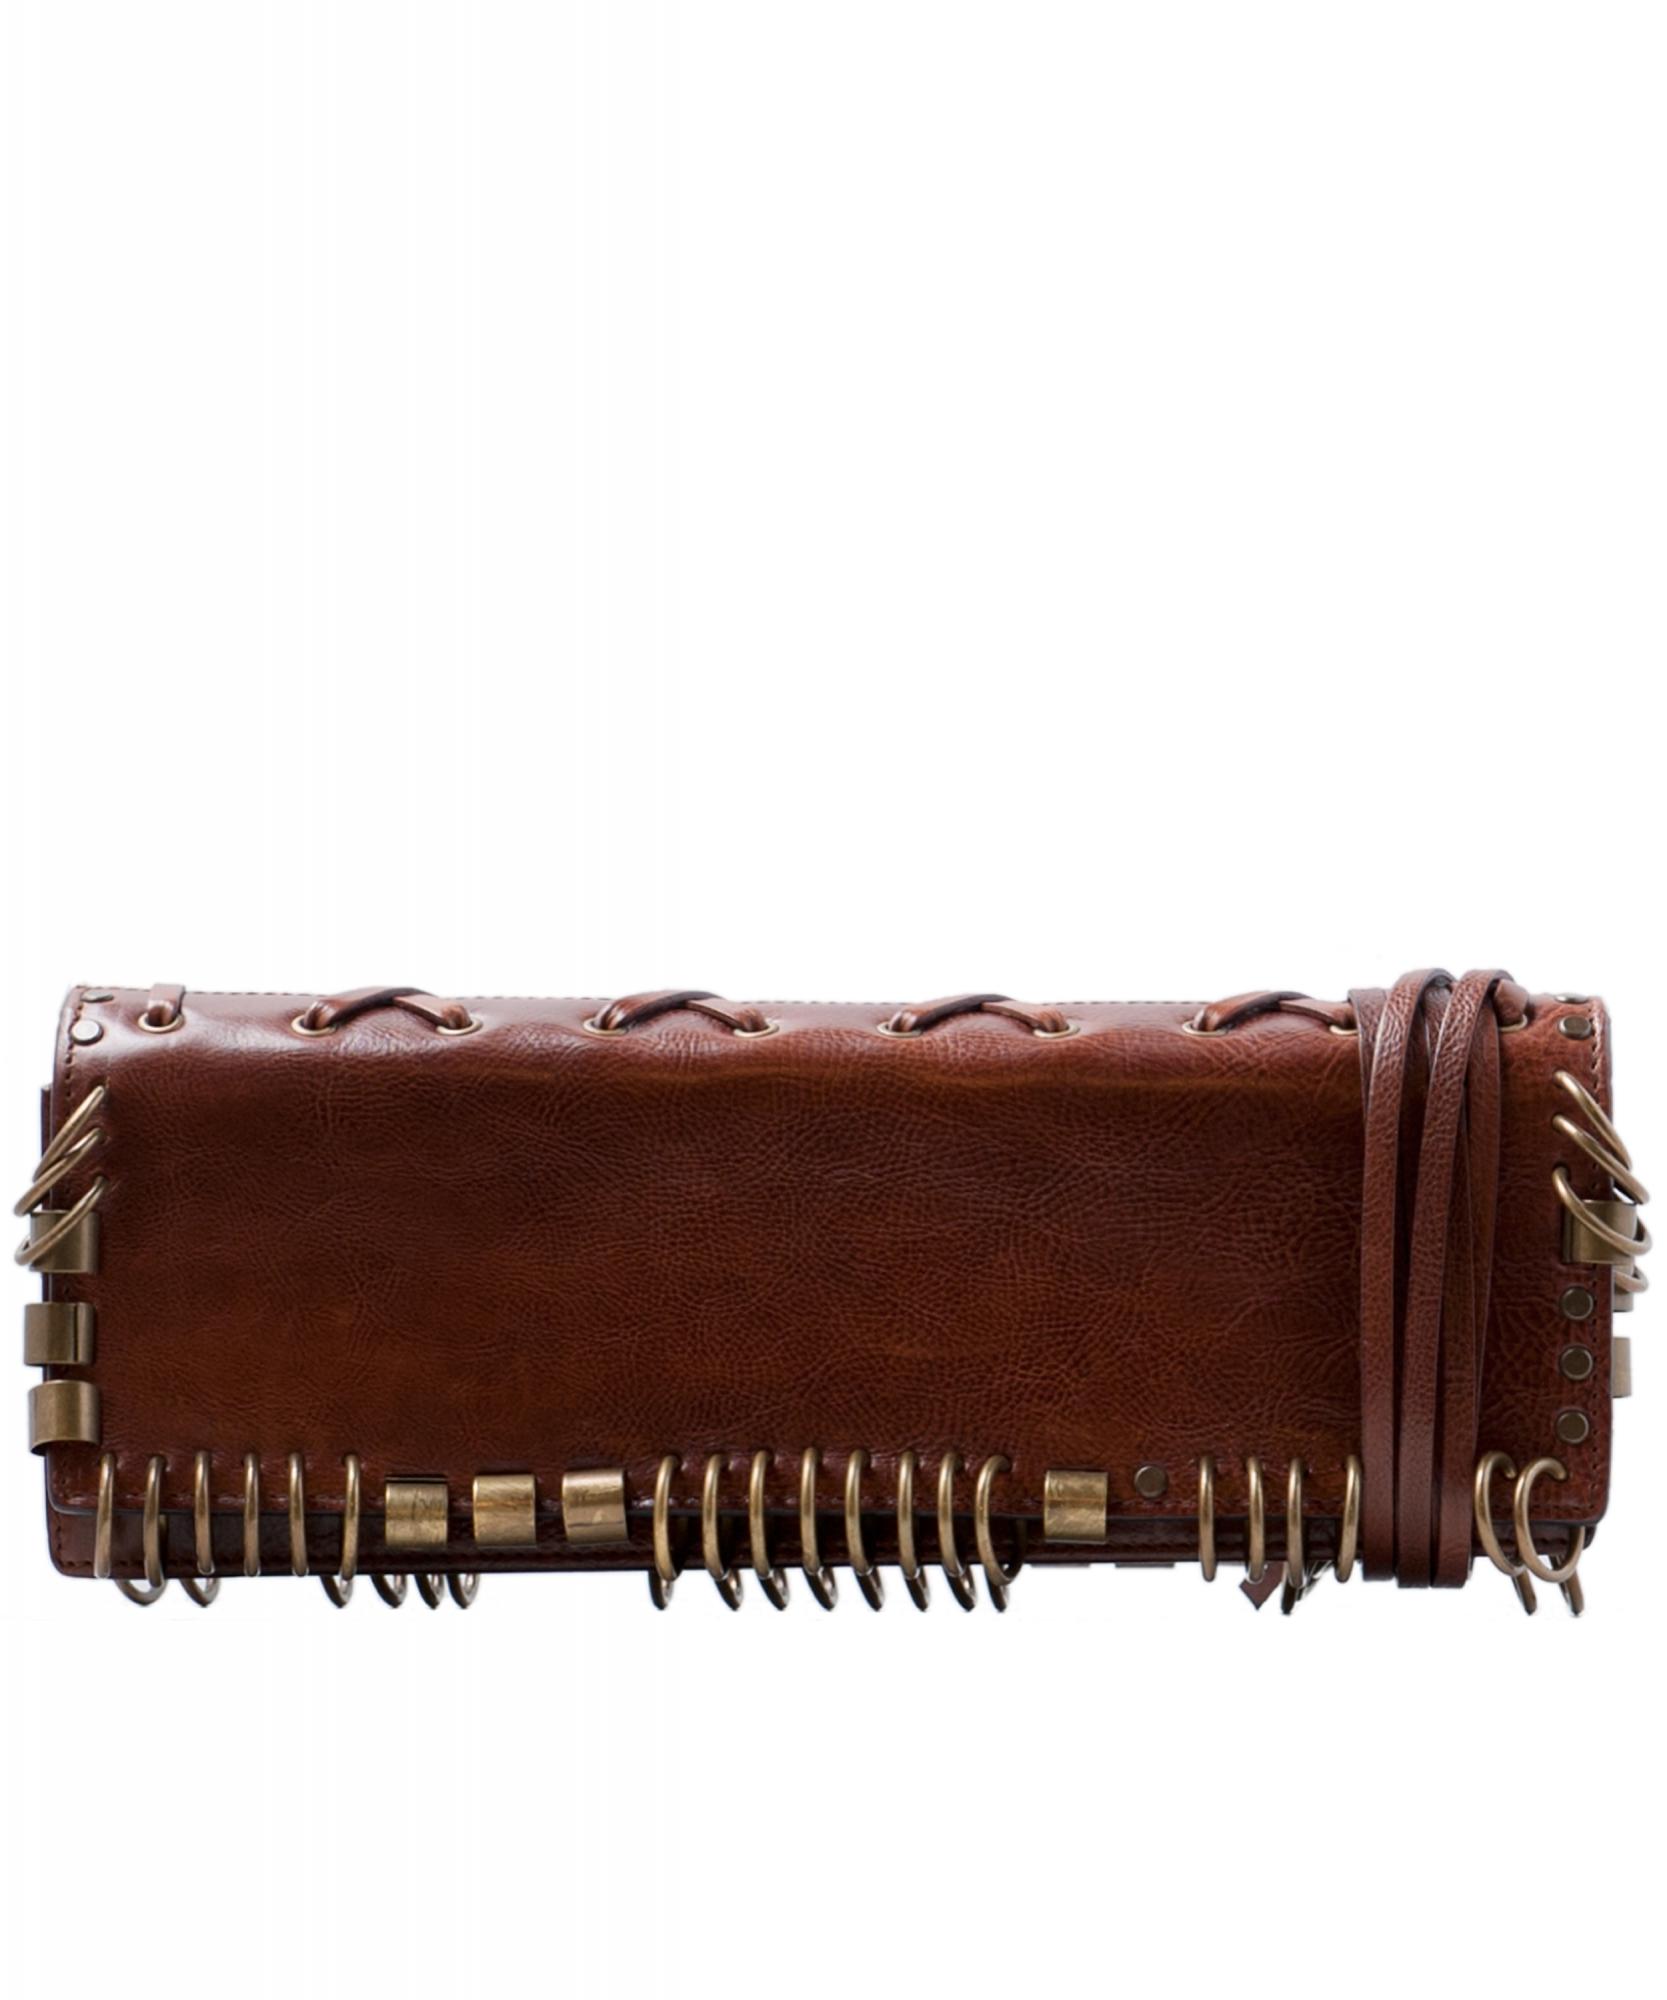 53ea67ded50 Yves Saint Laurent Brown Leather Clutch | La Doyenne